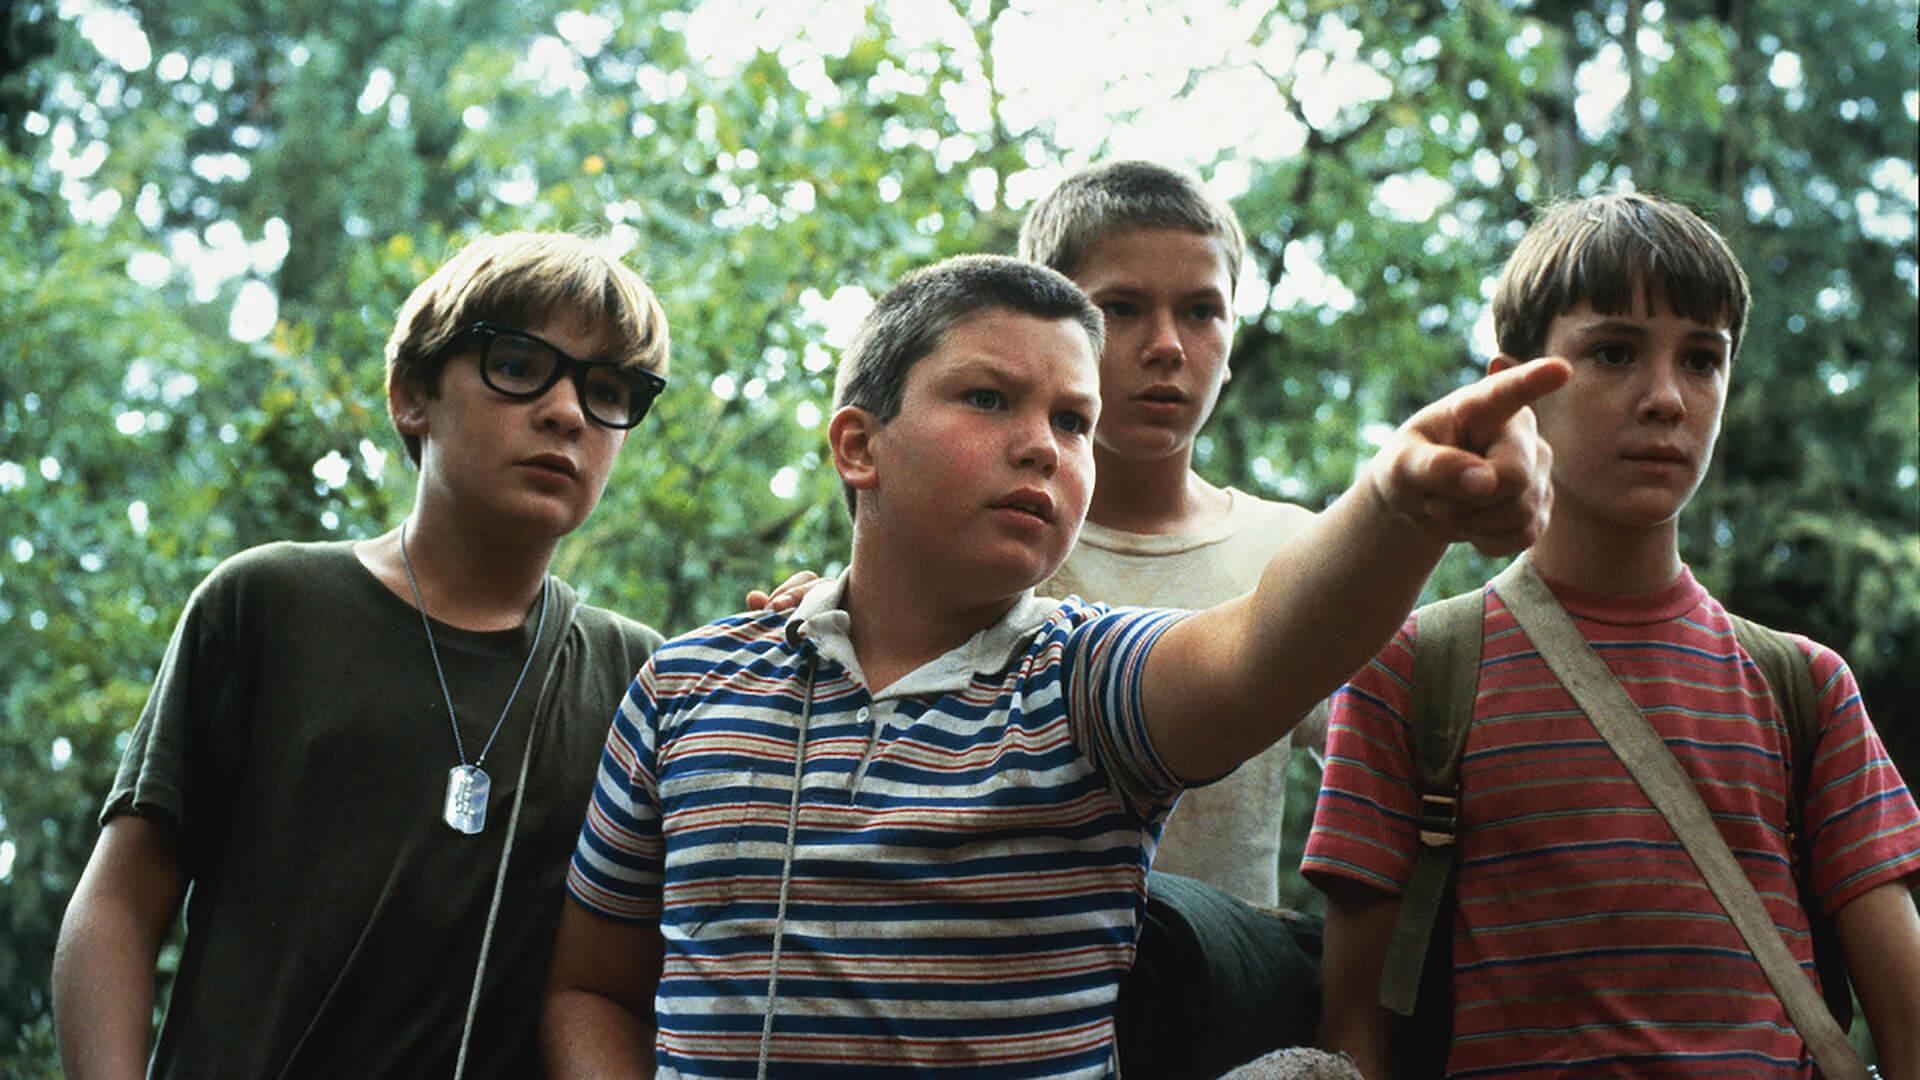 Fyra unga pojkar som tittar mot bildens högra hörn. En pojke pekar på något utanför bilden.